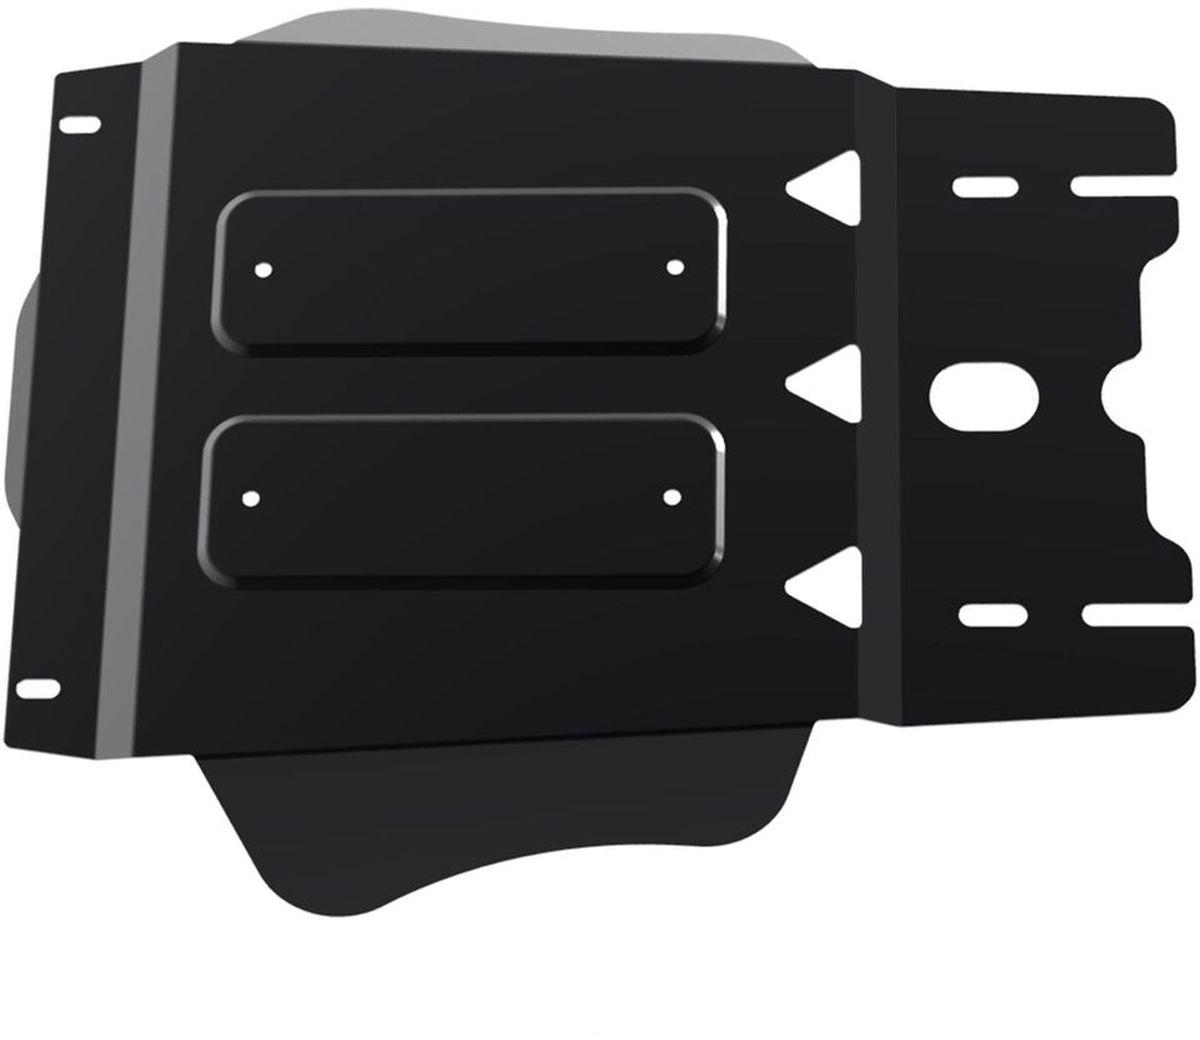 Защита КПП и РК Автоброня Lada 4х4 2001-, сталь 2 мм111.06020.1Защита КПП и РК Автоброня Lada 4х4 2001-, сталь 2 мм, комплект крепежа, 111.06020.1Стальные защиты Автоброня надежно защищают ваш автомобиль от повреждений при наезде на бордюры, выступающие канализационные люки, кромки поврежденного асфальта или при ремонте дорог, не говоря уже о загородных дорогах.- Имеют оптимальное соотношение цена-качество.- Спроектированы с учетом особенностей автомобиля, что делает установку удобной.- Защита устанавливается в штатные места кузова автомобиля.- Является надежной защитой для важных элементов на протяжении долгих лет.- Глубокий штамп дополнительно усиливает конструкцию защиты.- Подштамповка в местах крепления защищает крепеж от срезания.- Технологические отверстия там, где они необходимы для смены масла и слива воды, оборудованные заглушками, закрепленными на защите.Толщина стали 2 мм.В комплекте крепеж и инструкция по установке.Уважаемые клиенты!Обращаем ваше внимание на тот факт, что защита имеет форму, соответствующую модели данного автомобиля. Наличие глубокого штампа и лючков для смены фильтров/масла предусмотрено не на всех защитах. Фото служит для визуального восприятия товара.